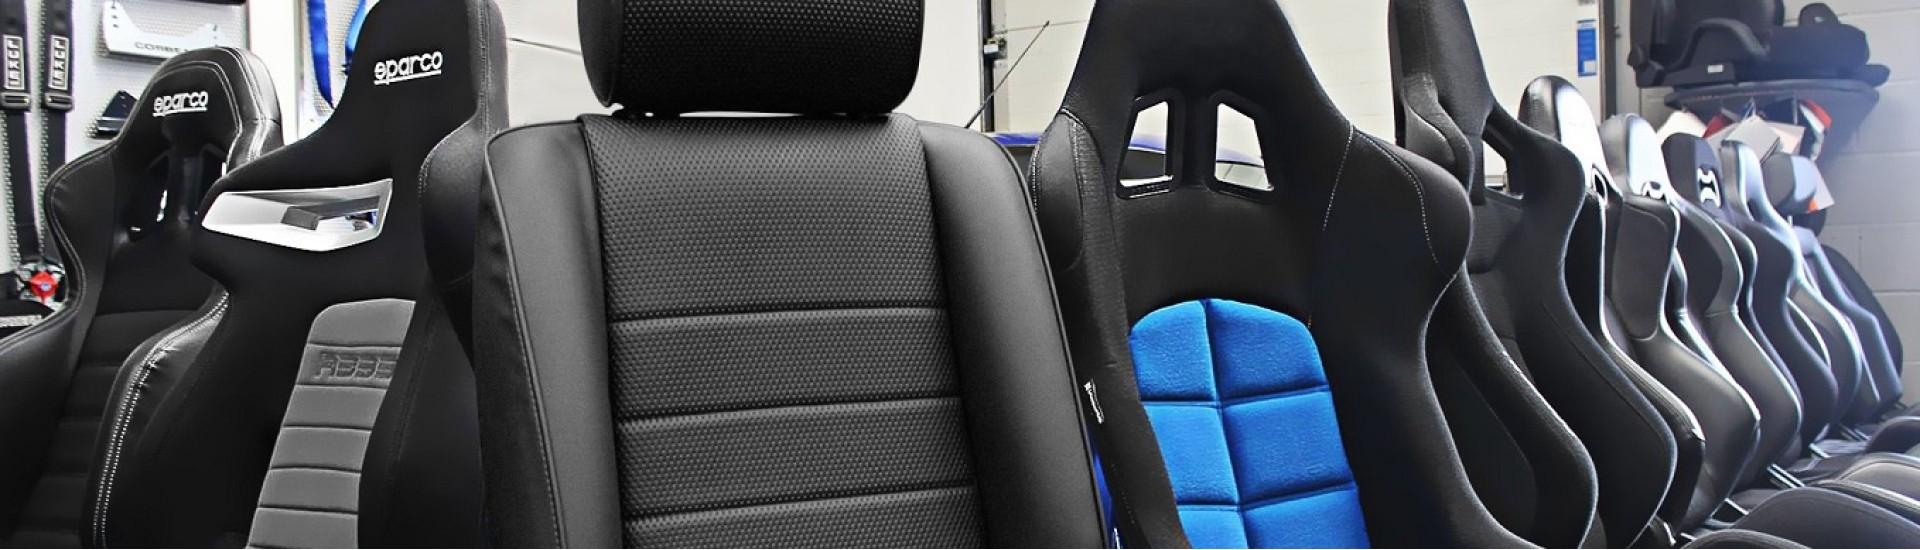 صندلی ، قیمت صندلی ، صندلی فابریک ، seats